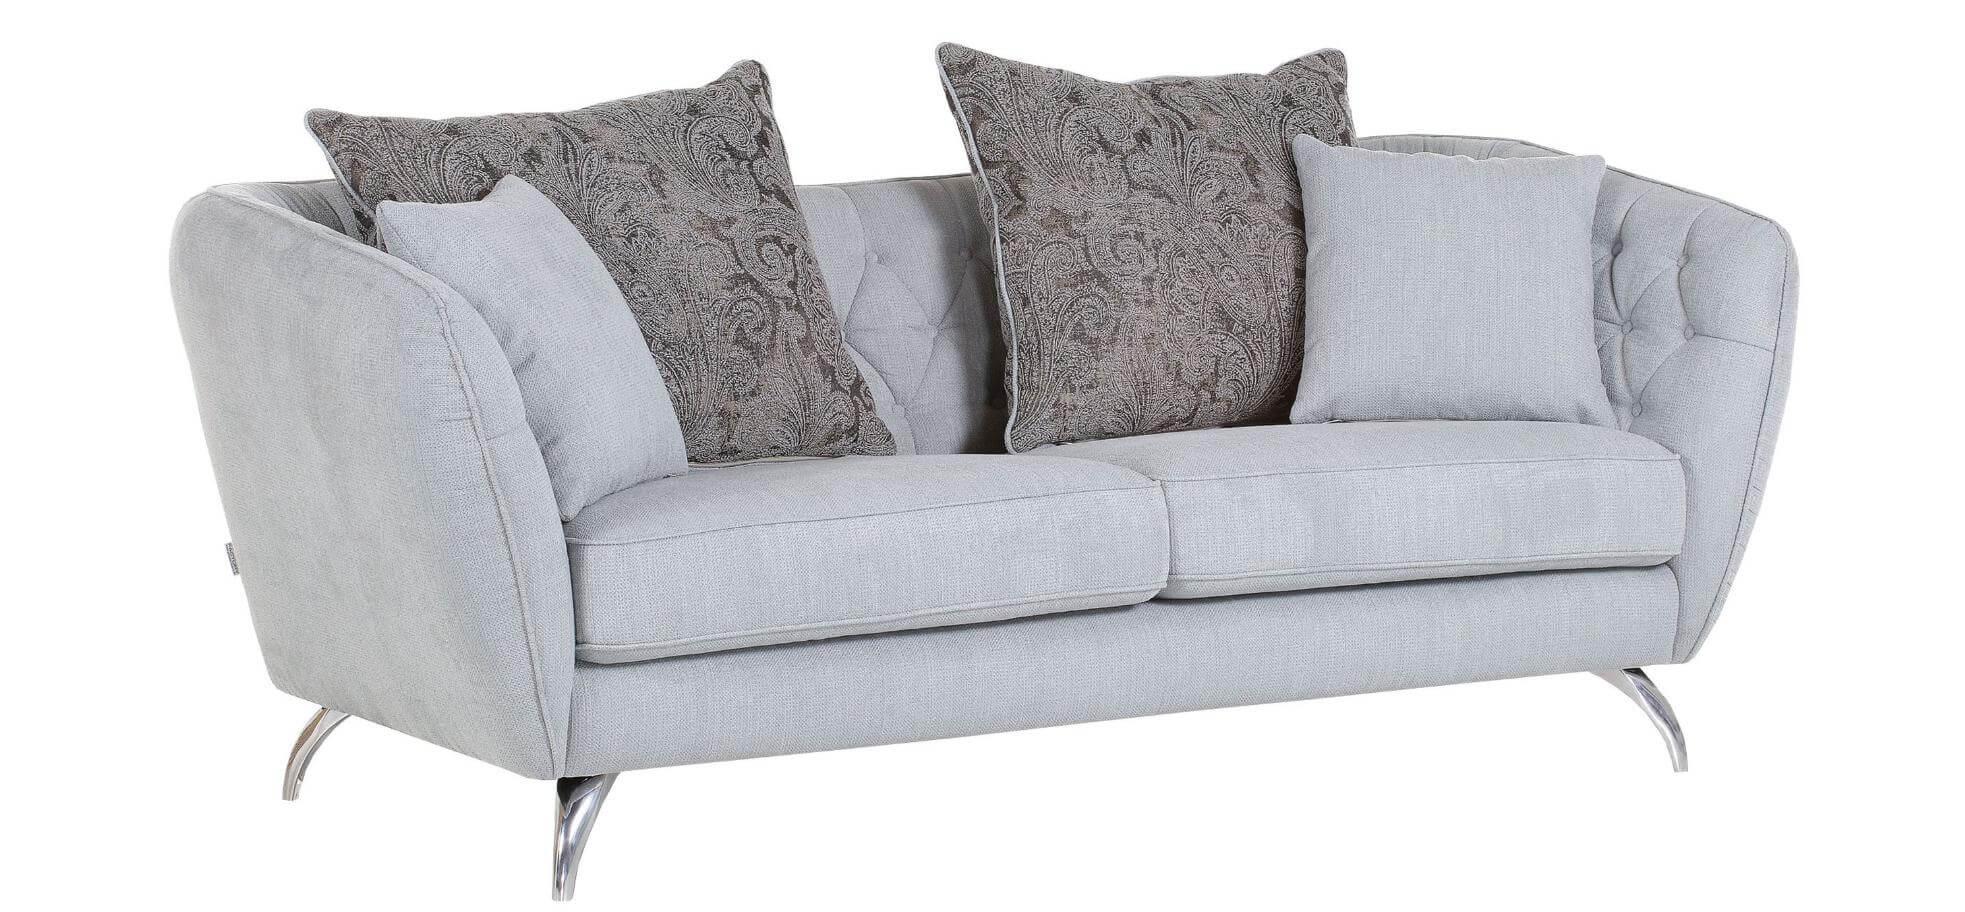 Gewaltig Hellblaues Sofa Ideen Von Excellent Sitzer Gerome With Artikel